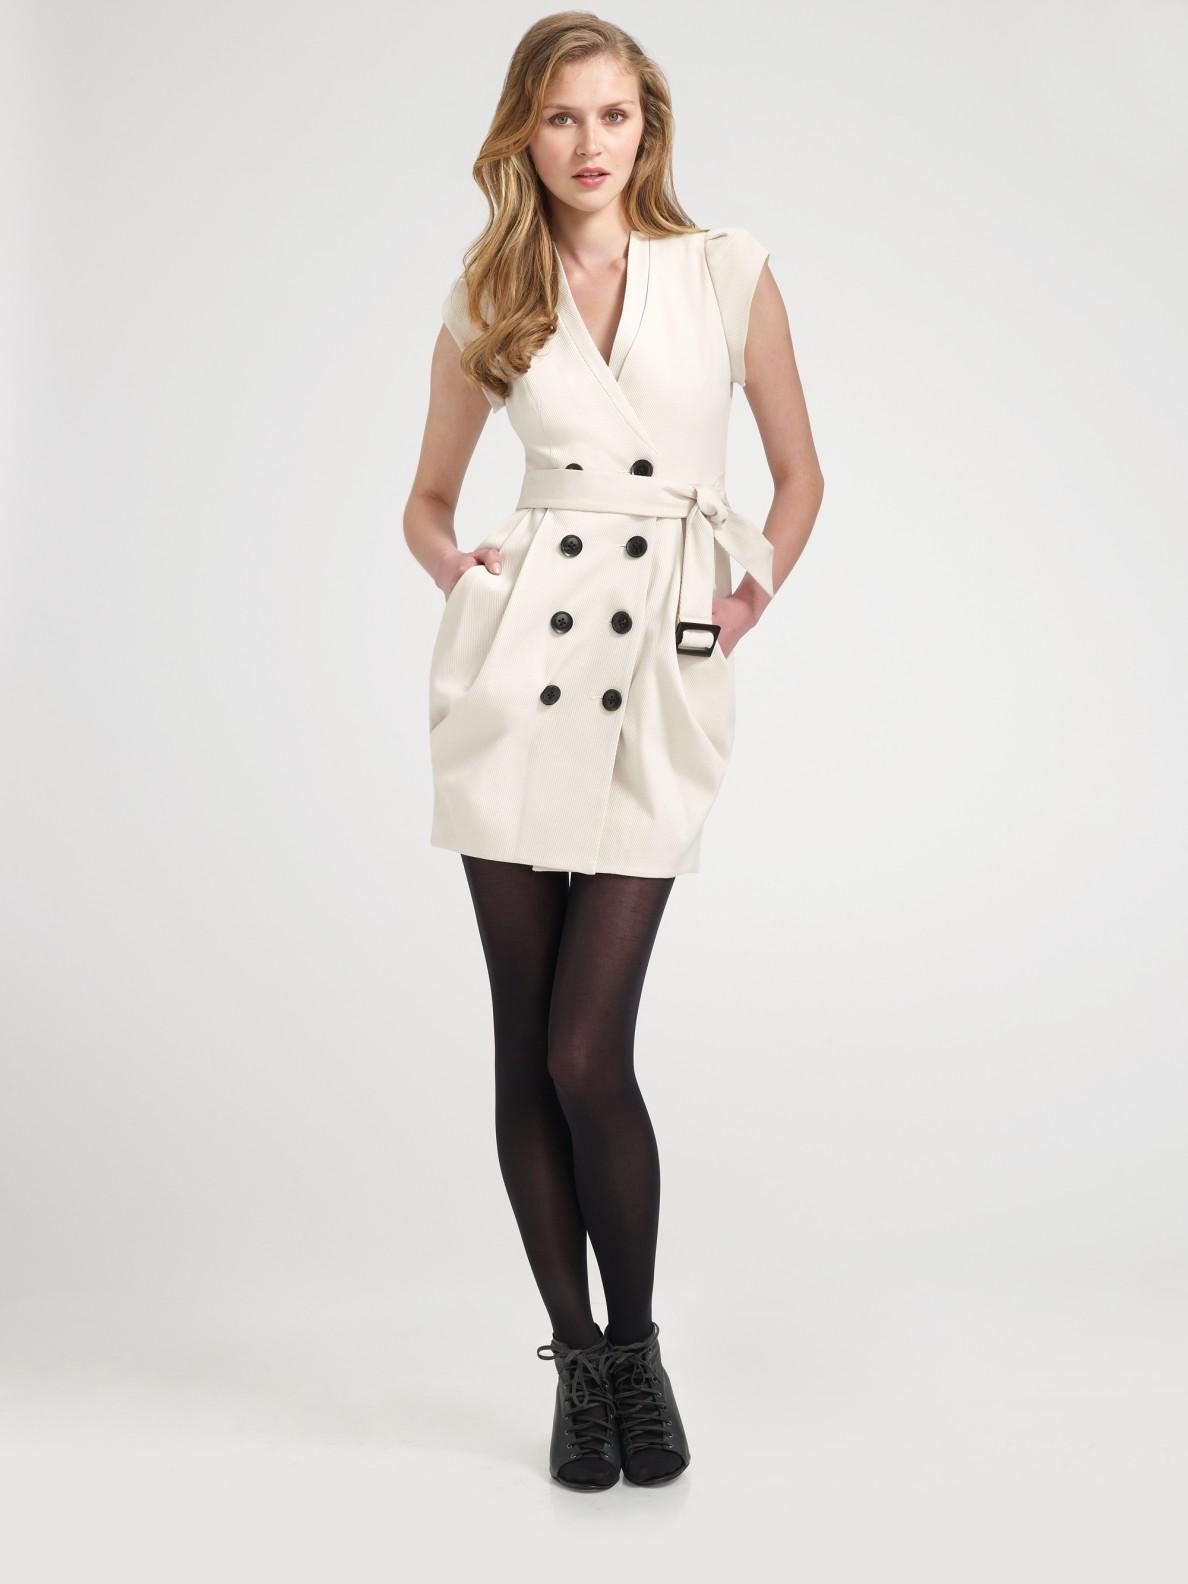 Nanette Lepore Dresses